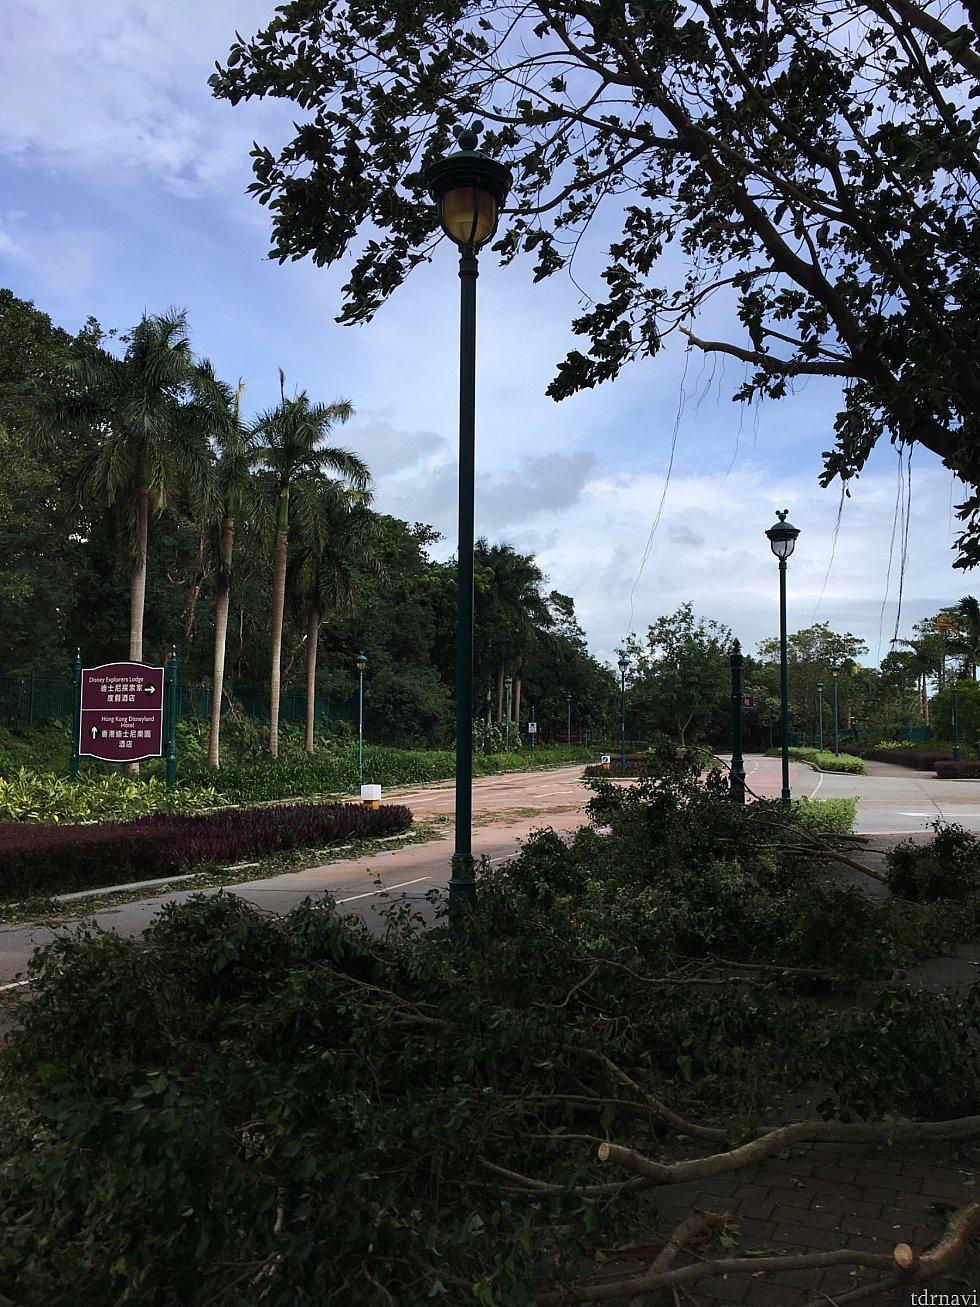 台風翌日のホテル前の道路ですが、椰子の木はほぼなぎ倒されていて、車道や歩道を塞いでました。